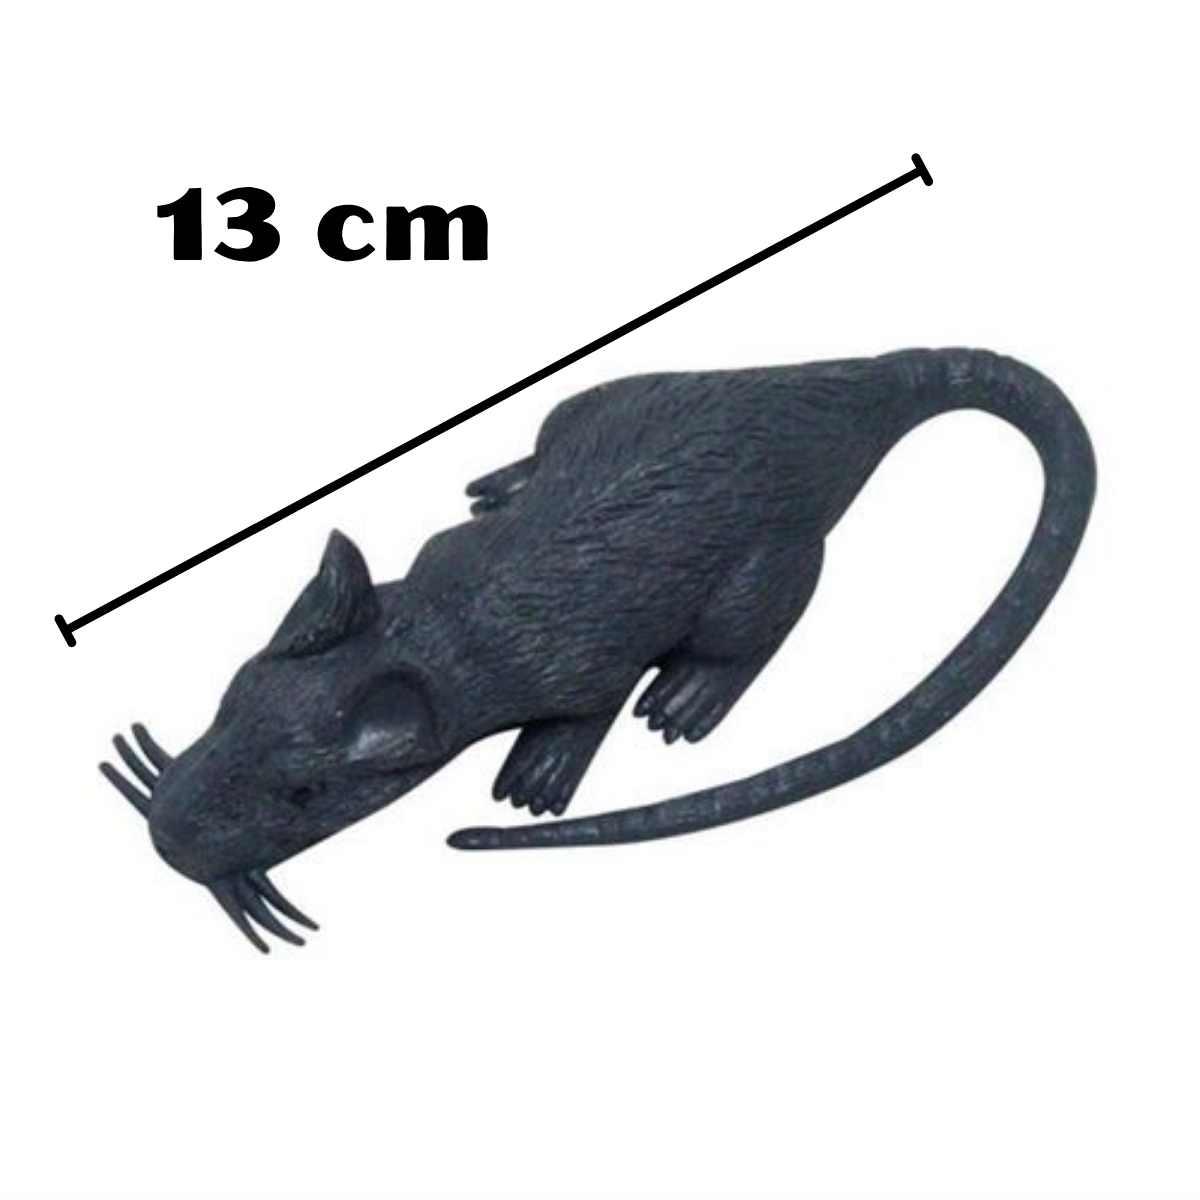 Rato de Borracha